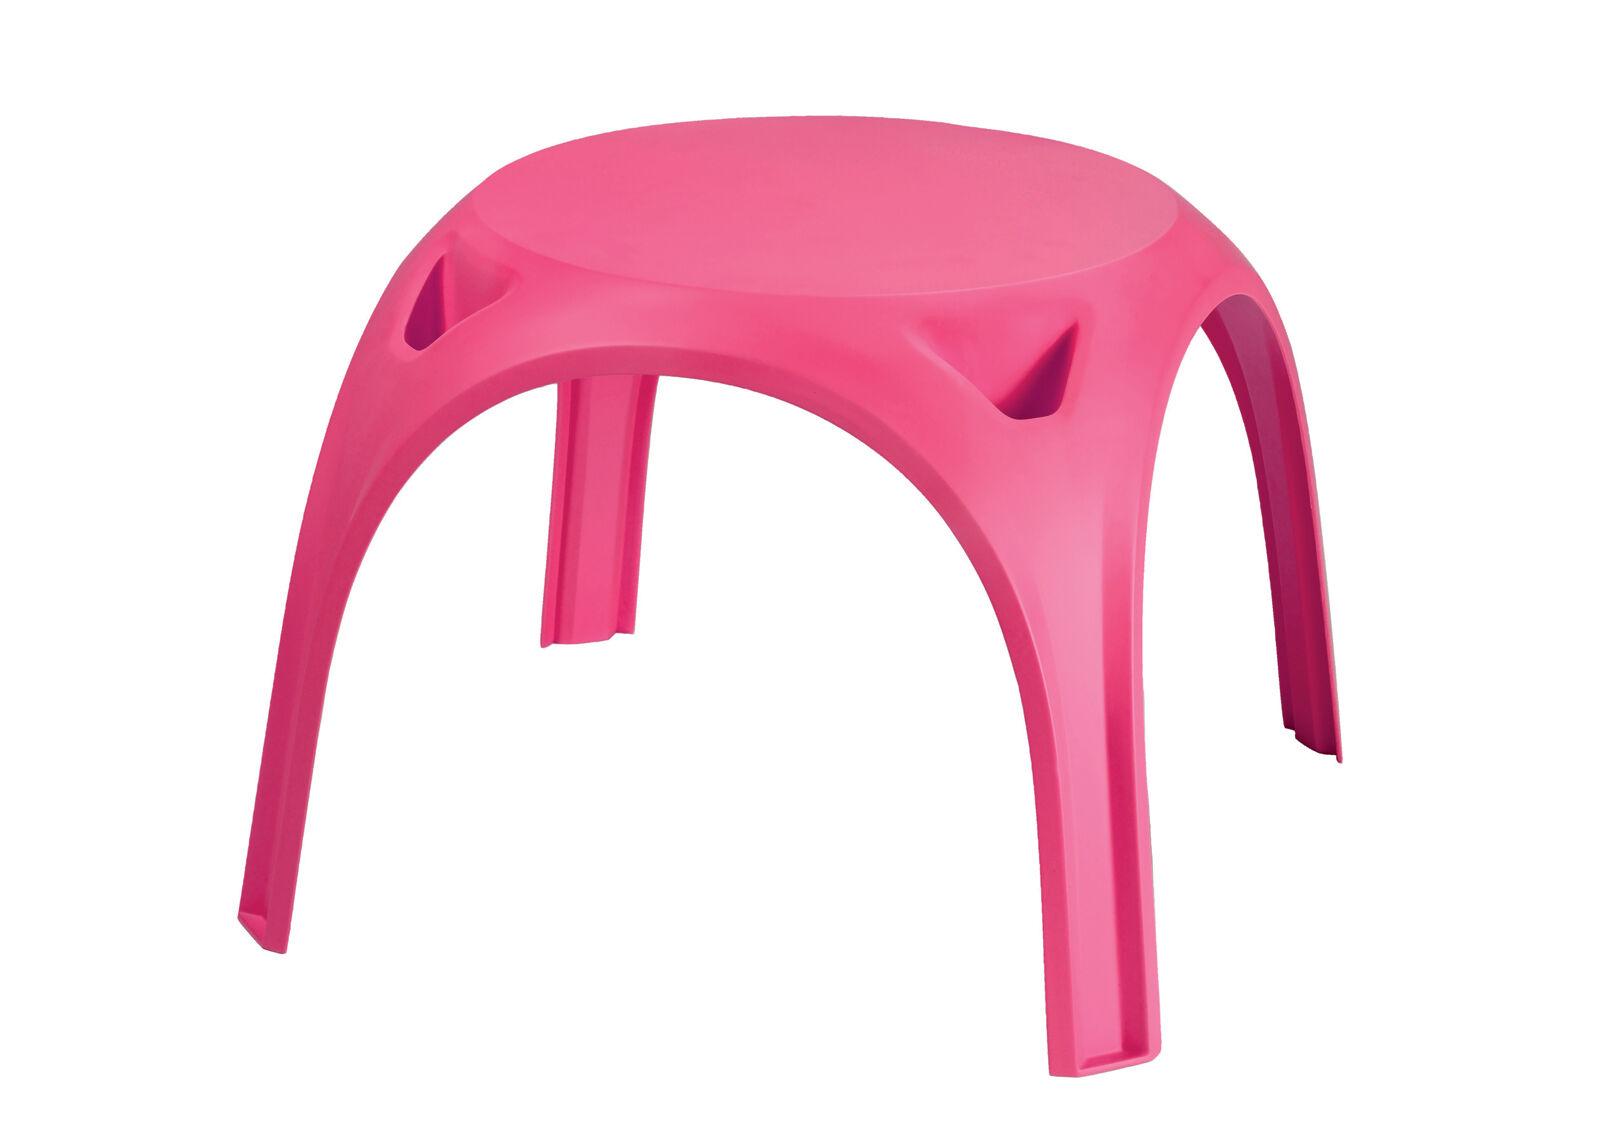 Keter Lasten pöytä KETER ,roosa